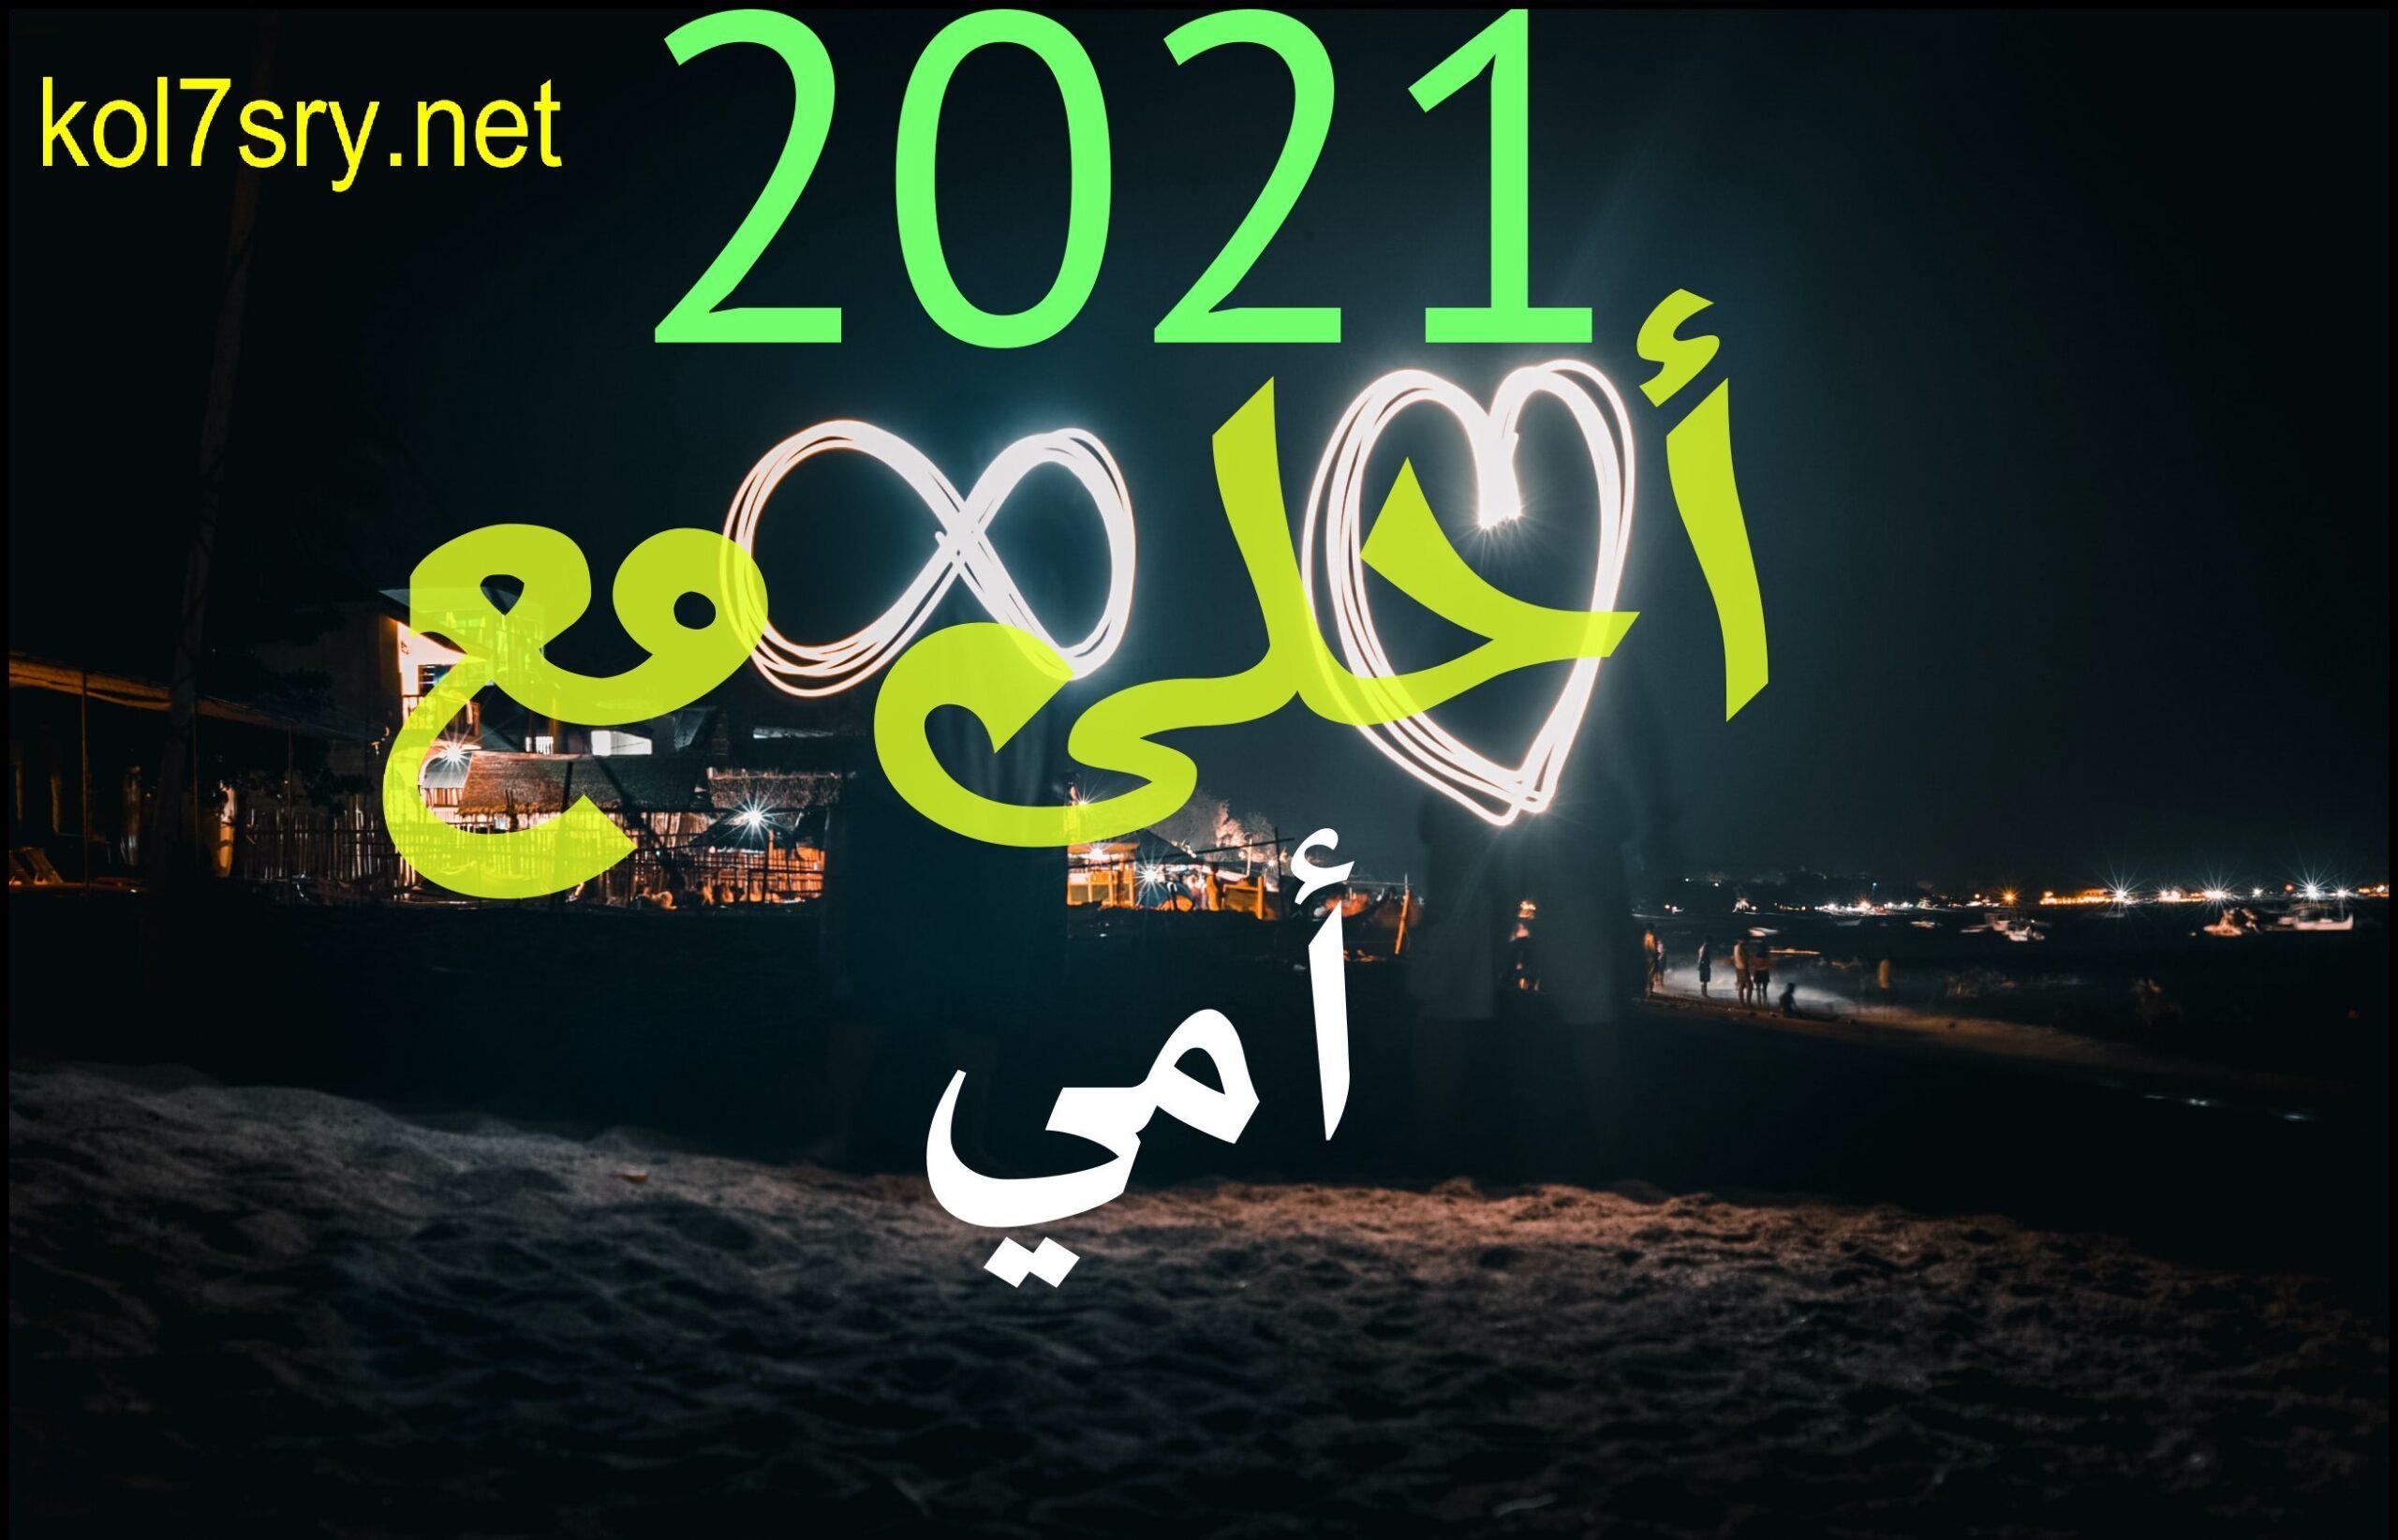 2021 أحلى مع اسمك أجمل 40 صورة HD لعام 2021 احلى مع مجانا اطلب التصميم بالتعليقات 13